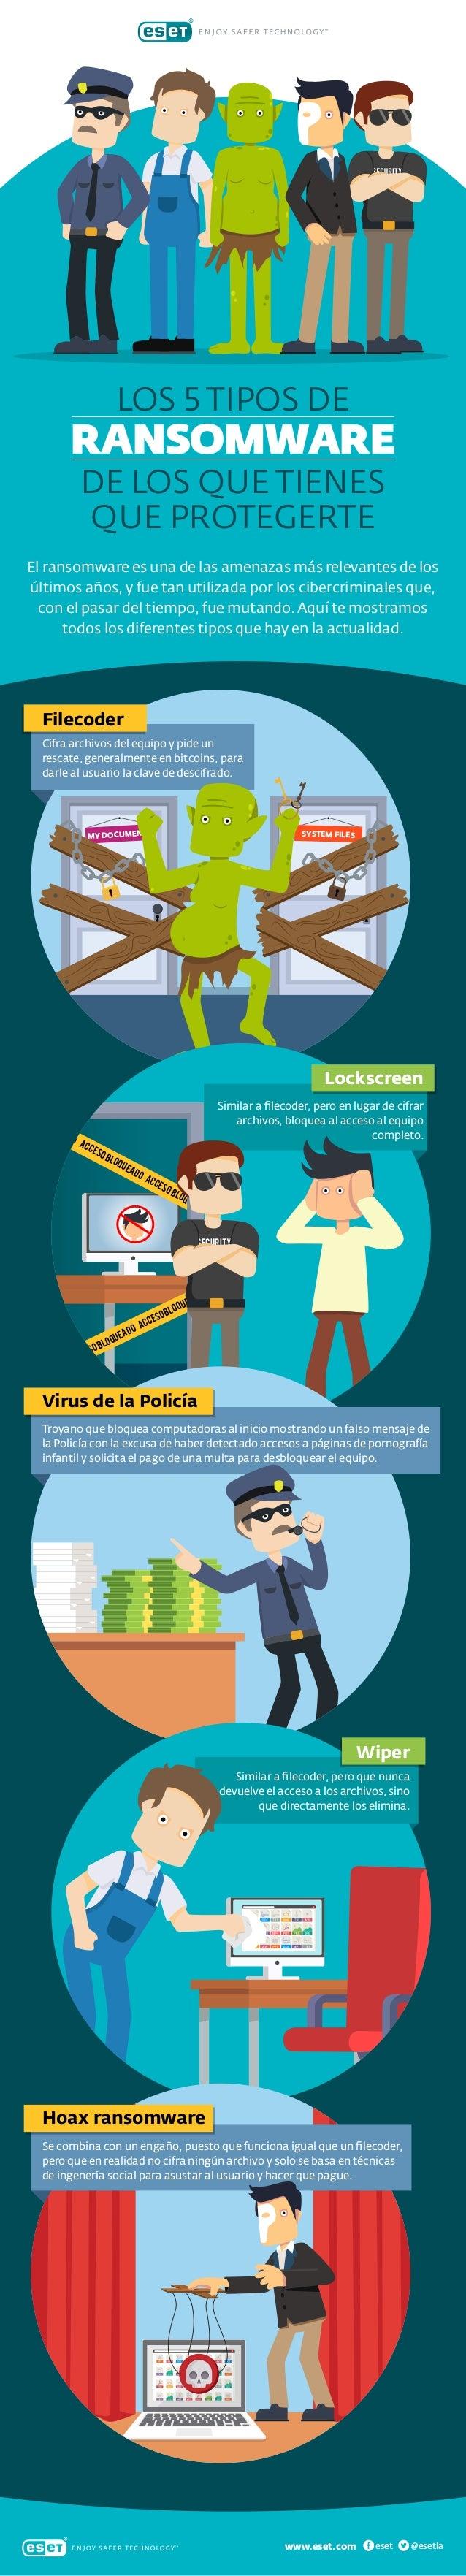 RANSOMWARE LOS 5 TIPOS DE DE LOS QUE TIENES QUE PROTEGERTE El ransomware es una de las amenazas más relevantes de los últi...